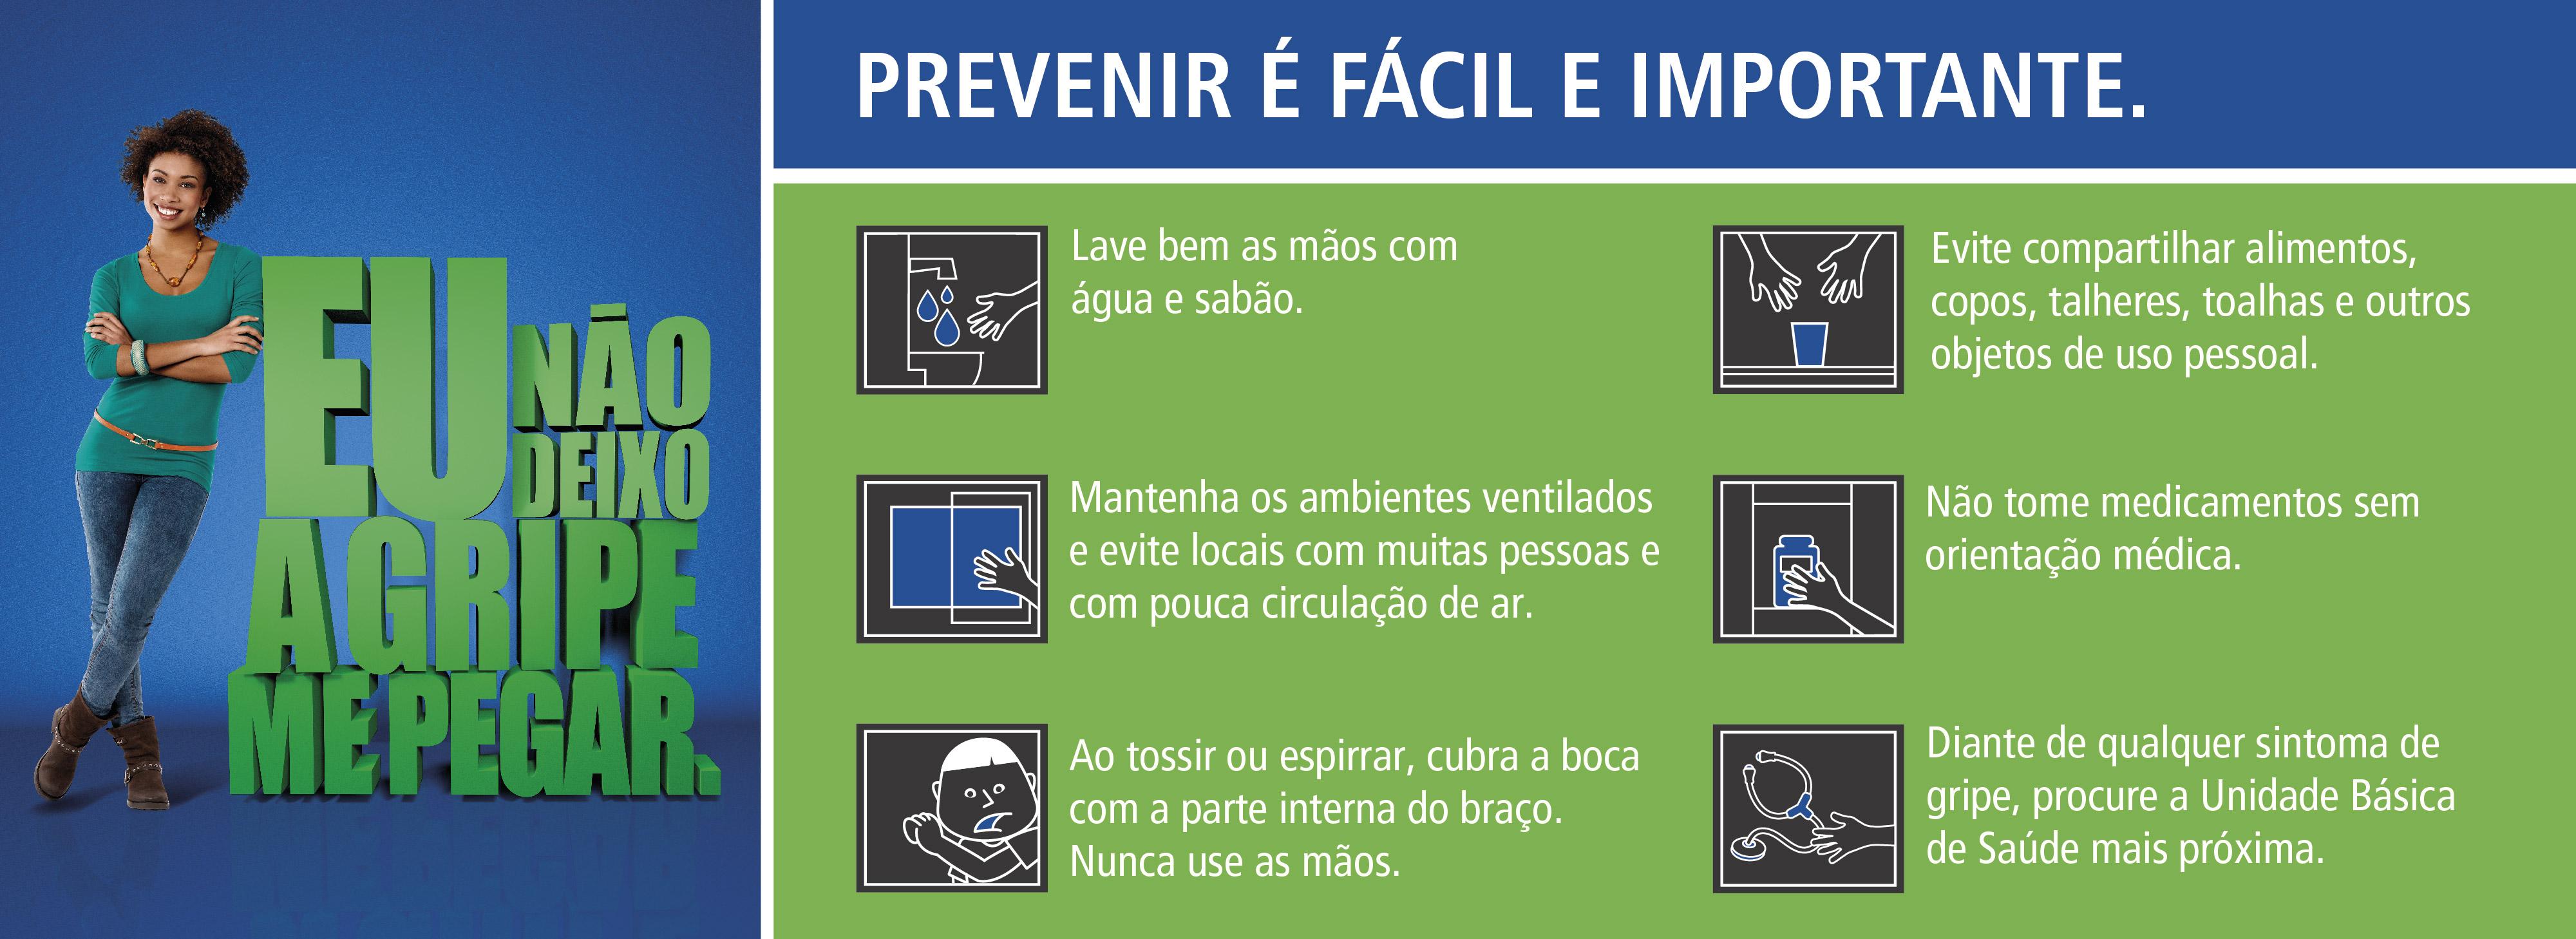 Secretaria de Saúde de MG dá dicas para a prevenção da gripe. ARTE: Secretaria de Estado de Saúde de Minas Gerais